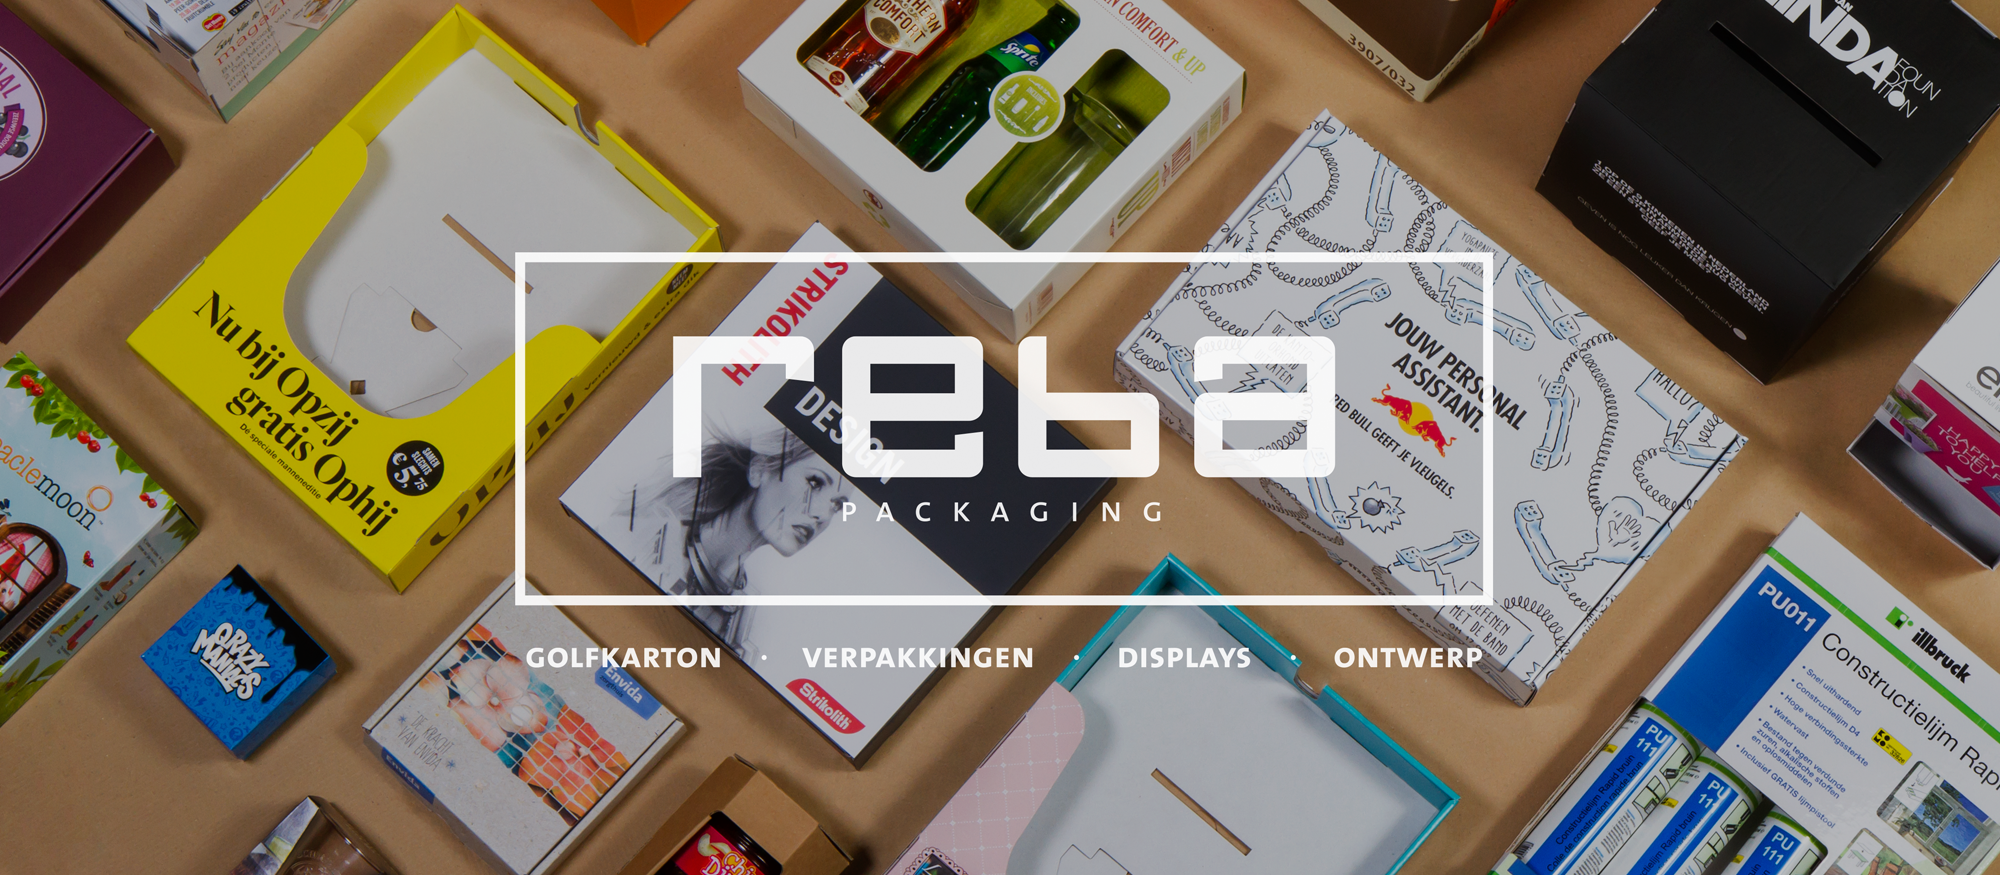 Homepage slider van de Reba Packaging website